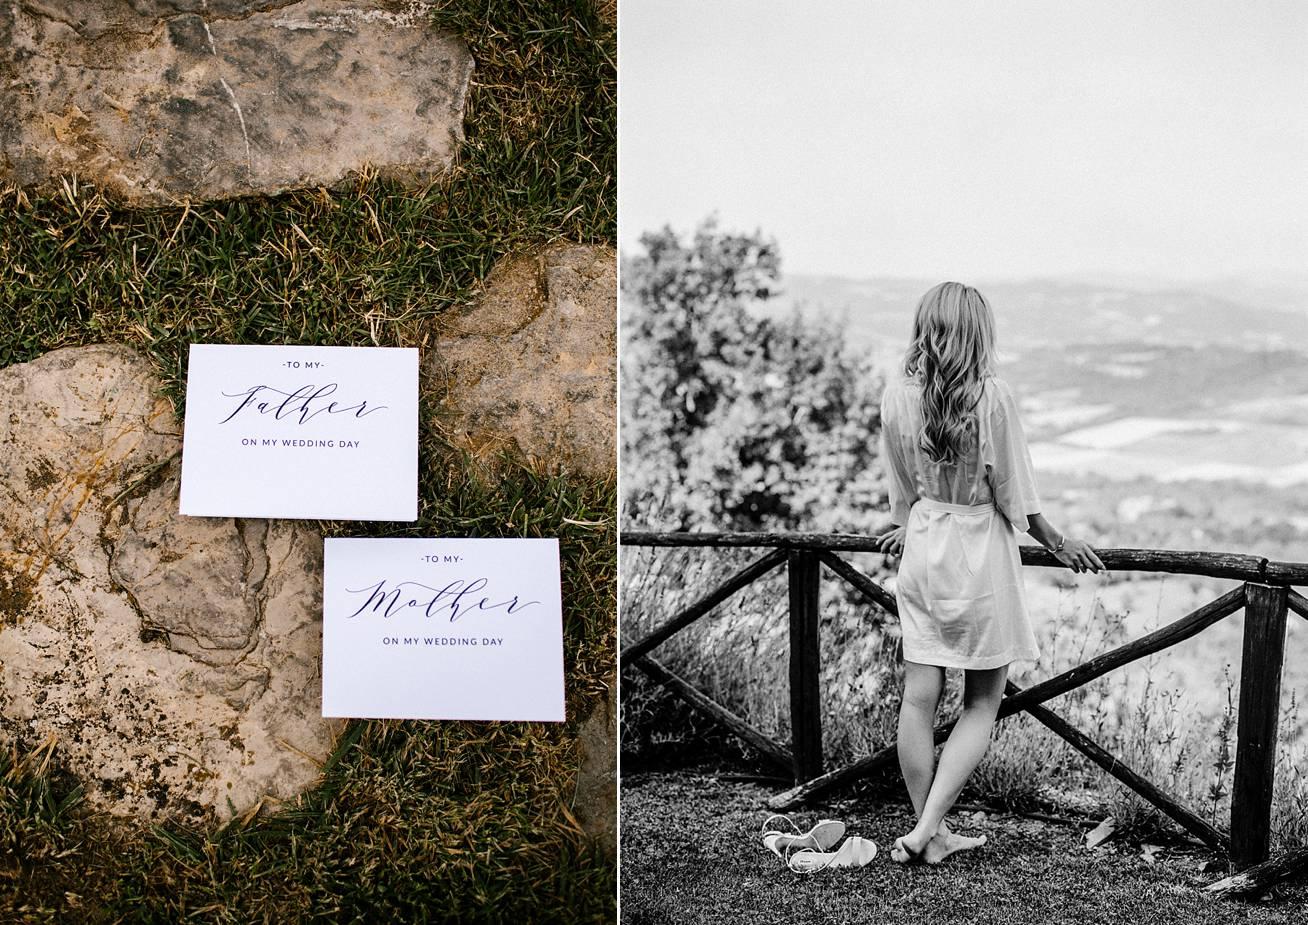 Amanda-Drost-Fotografie-trouwen-in-italie-bruidsfotografie_0016.jpg